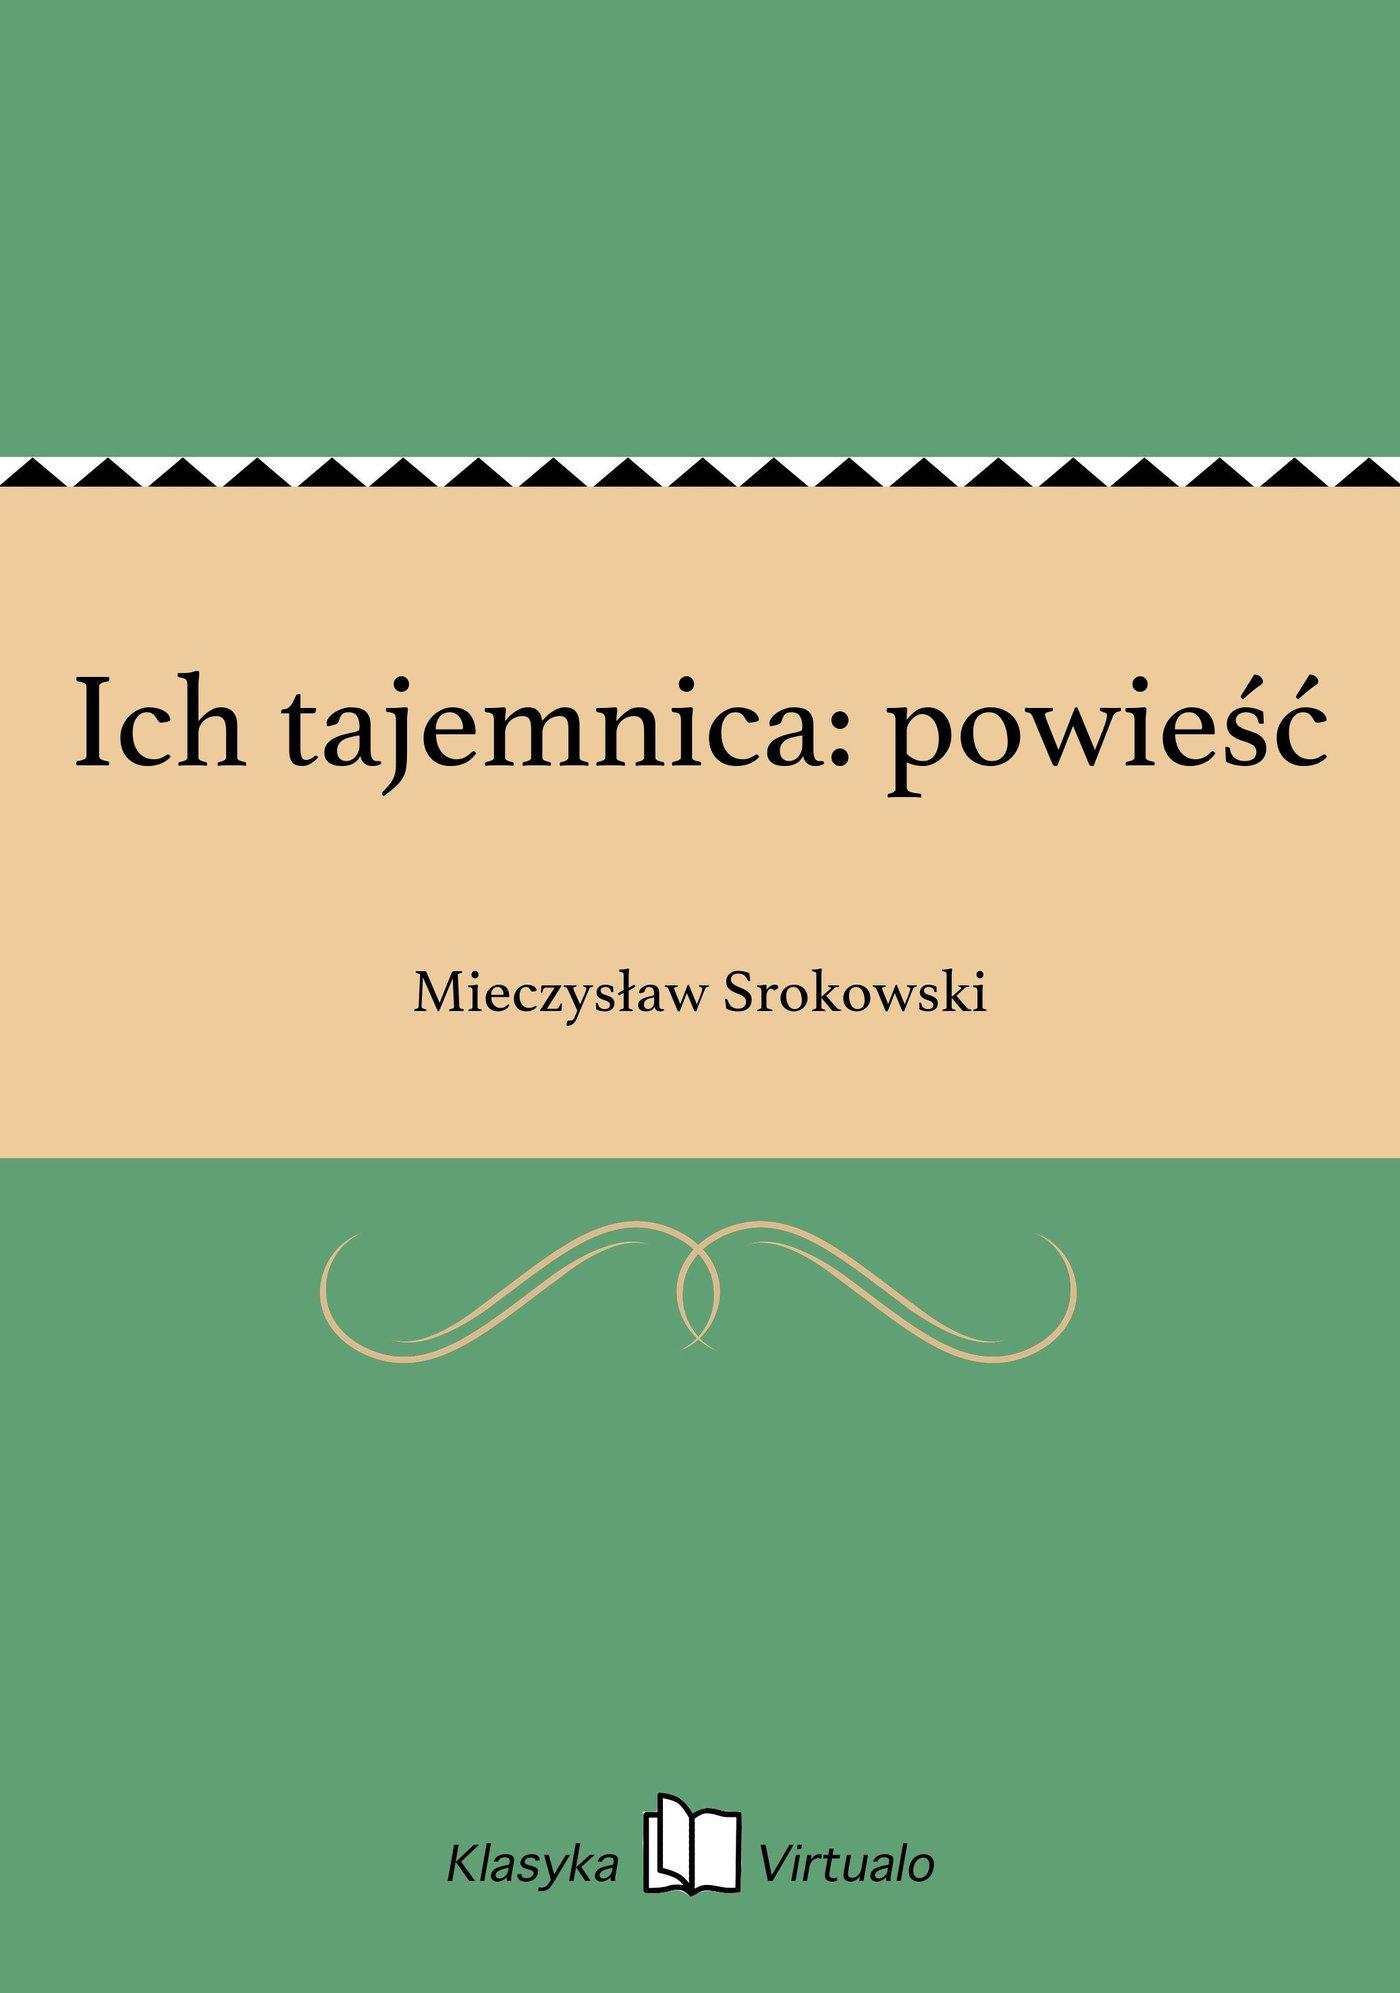 Ich tajemnica: powieść - Ebook (Książka na Kindle) do pobrania w formacie MOBI